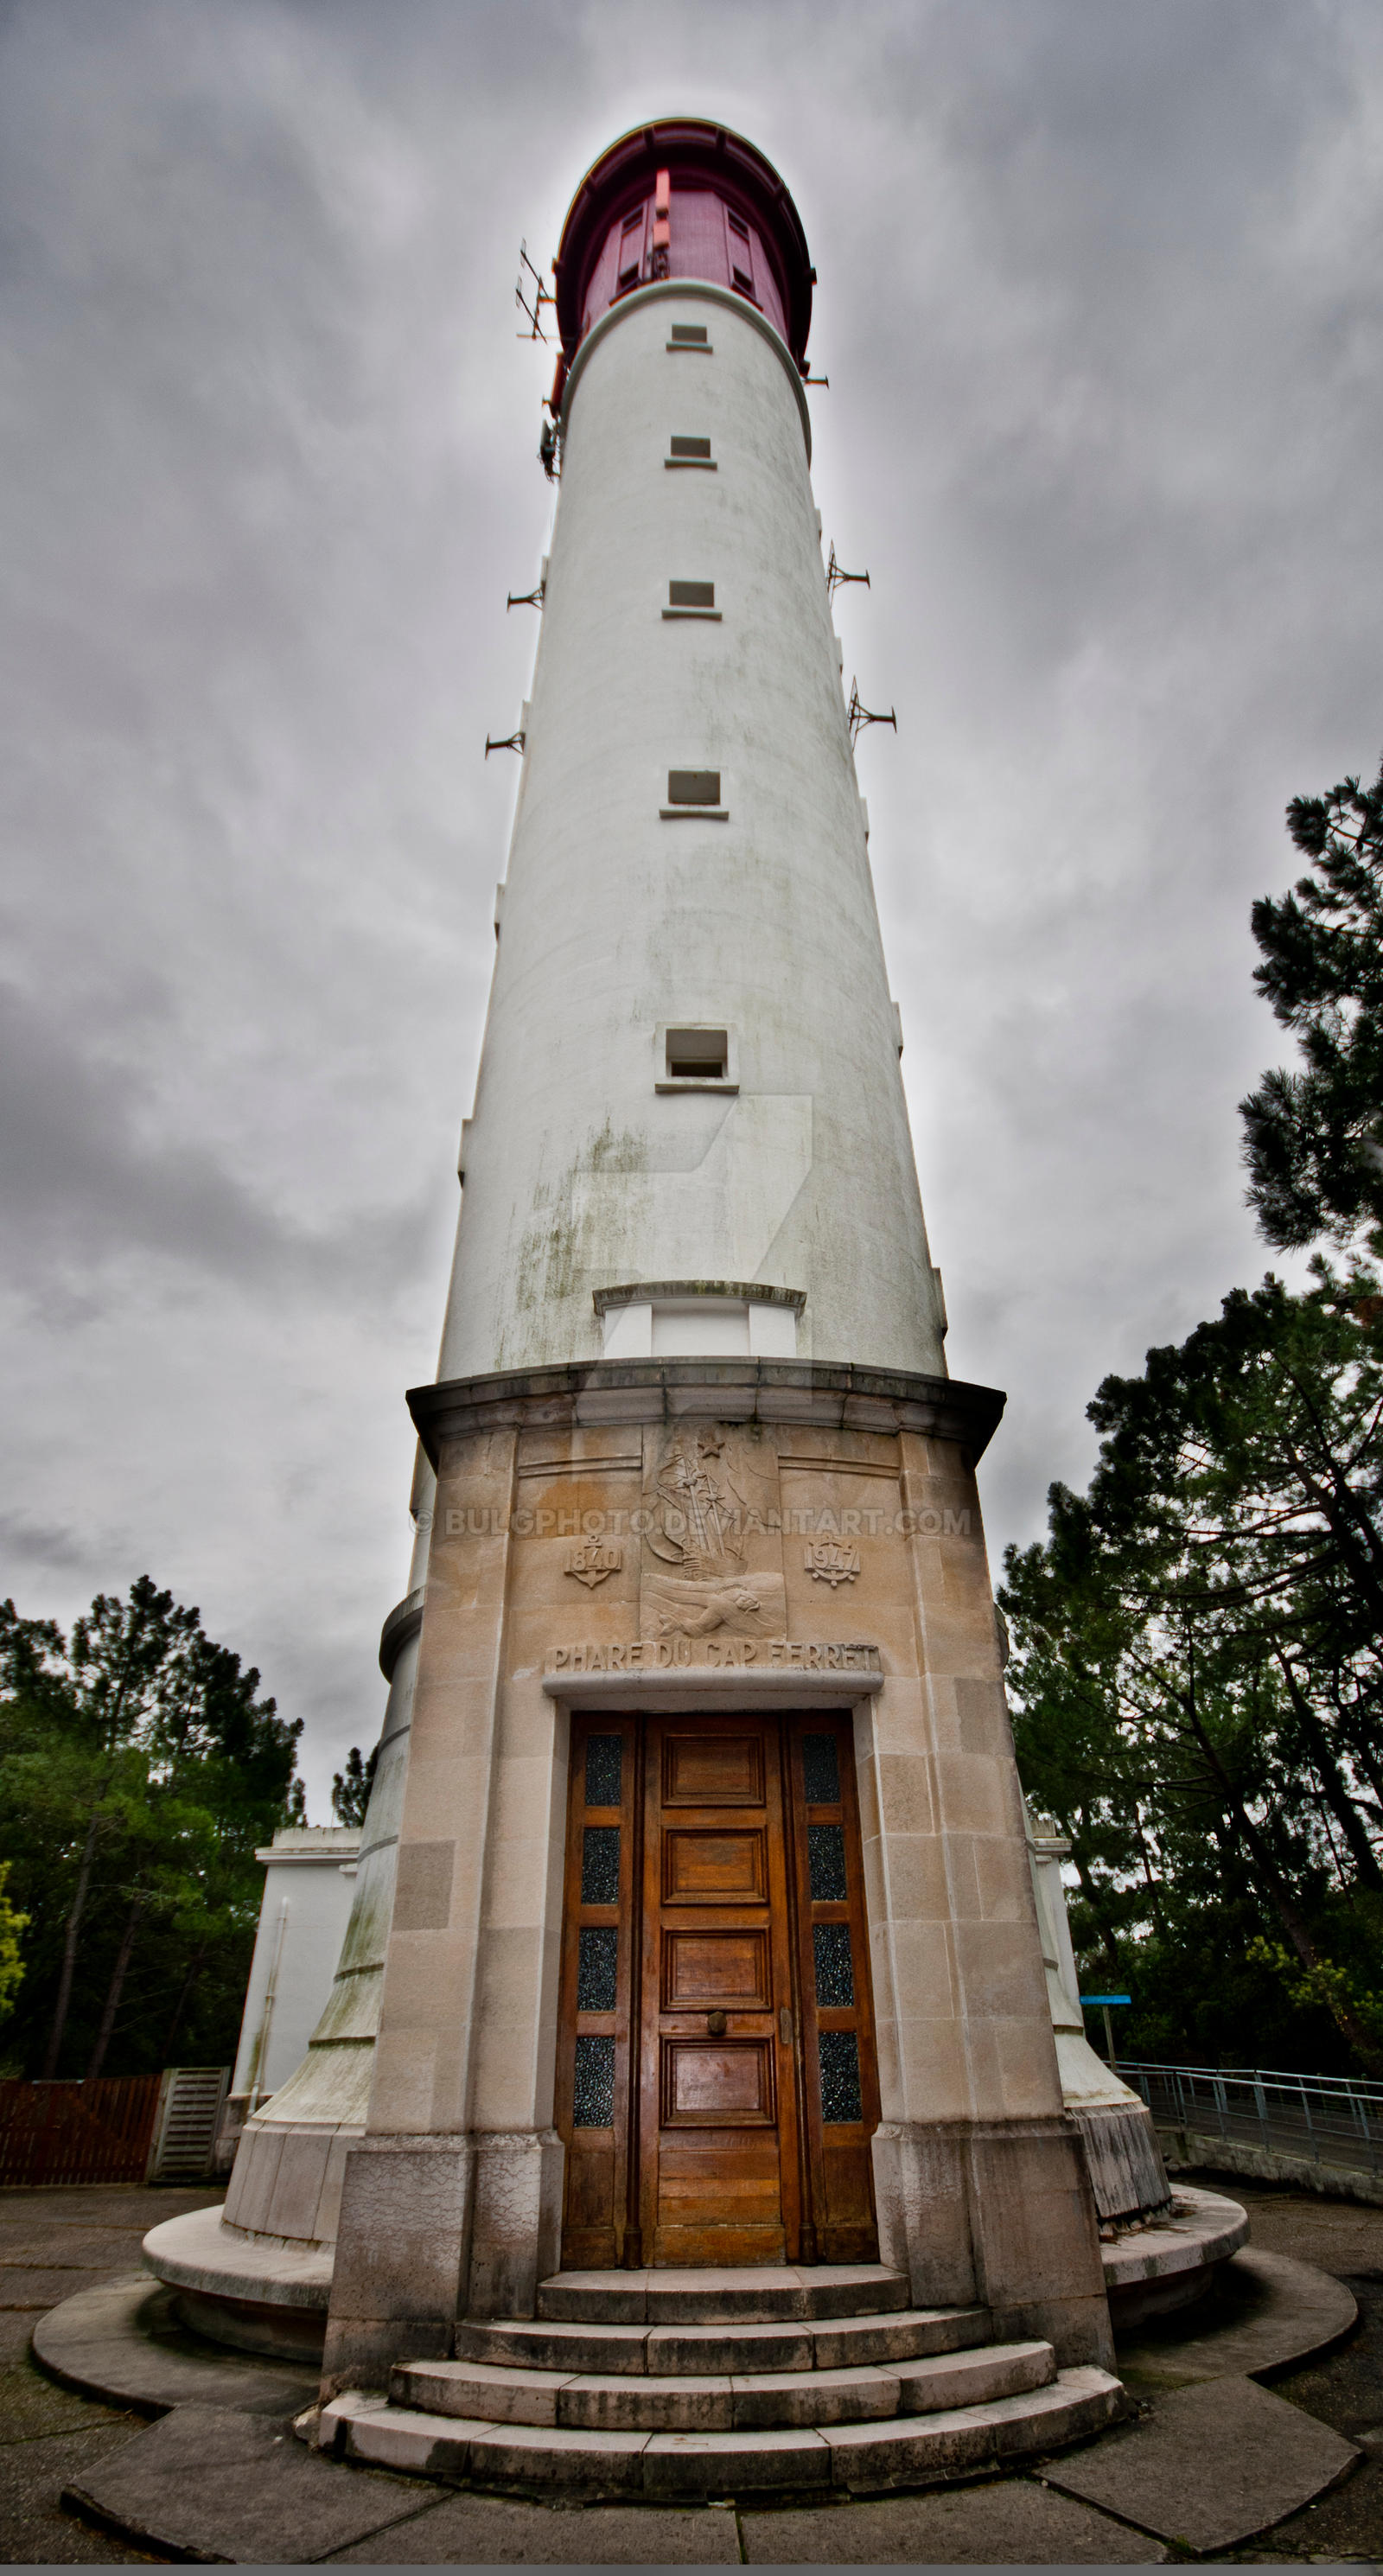 Lighthouse 1 by bulgphoto